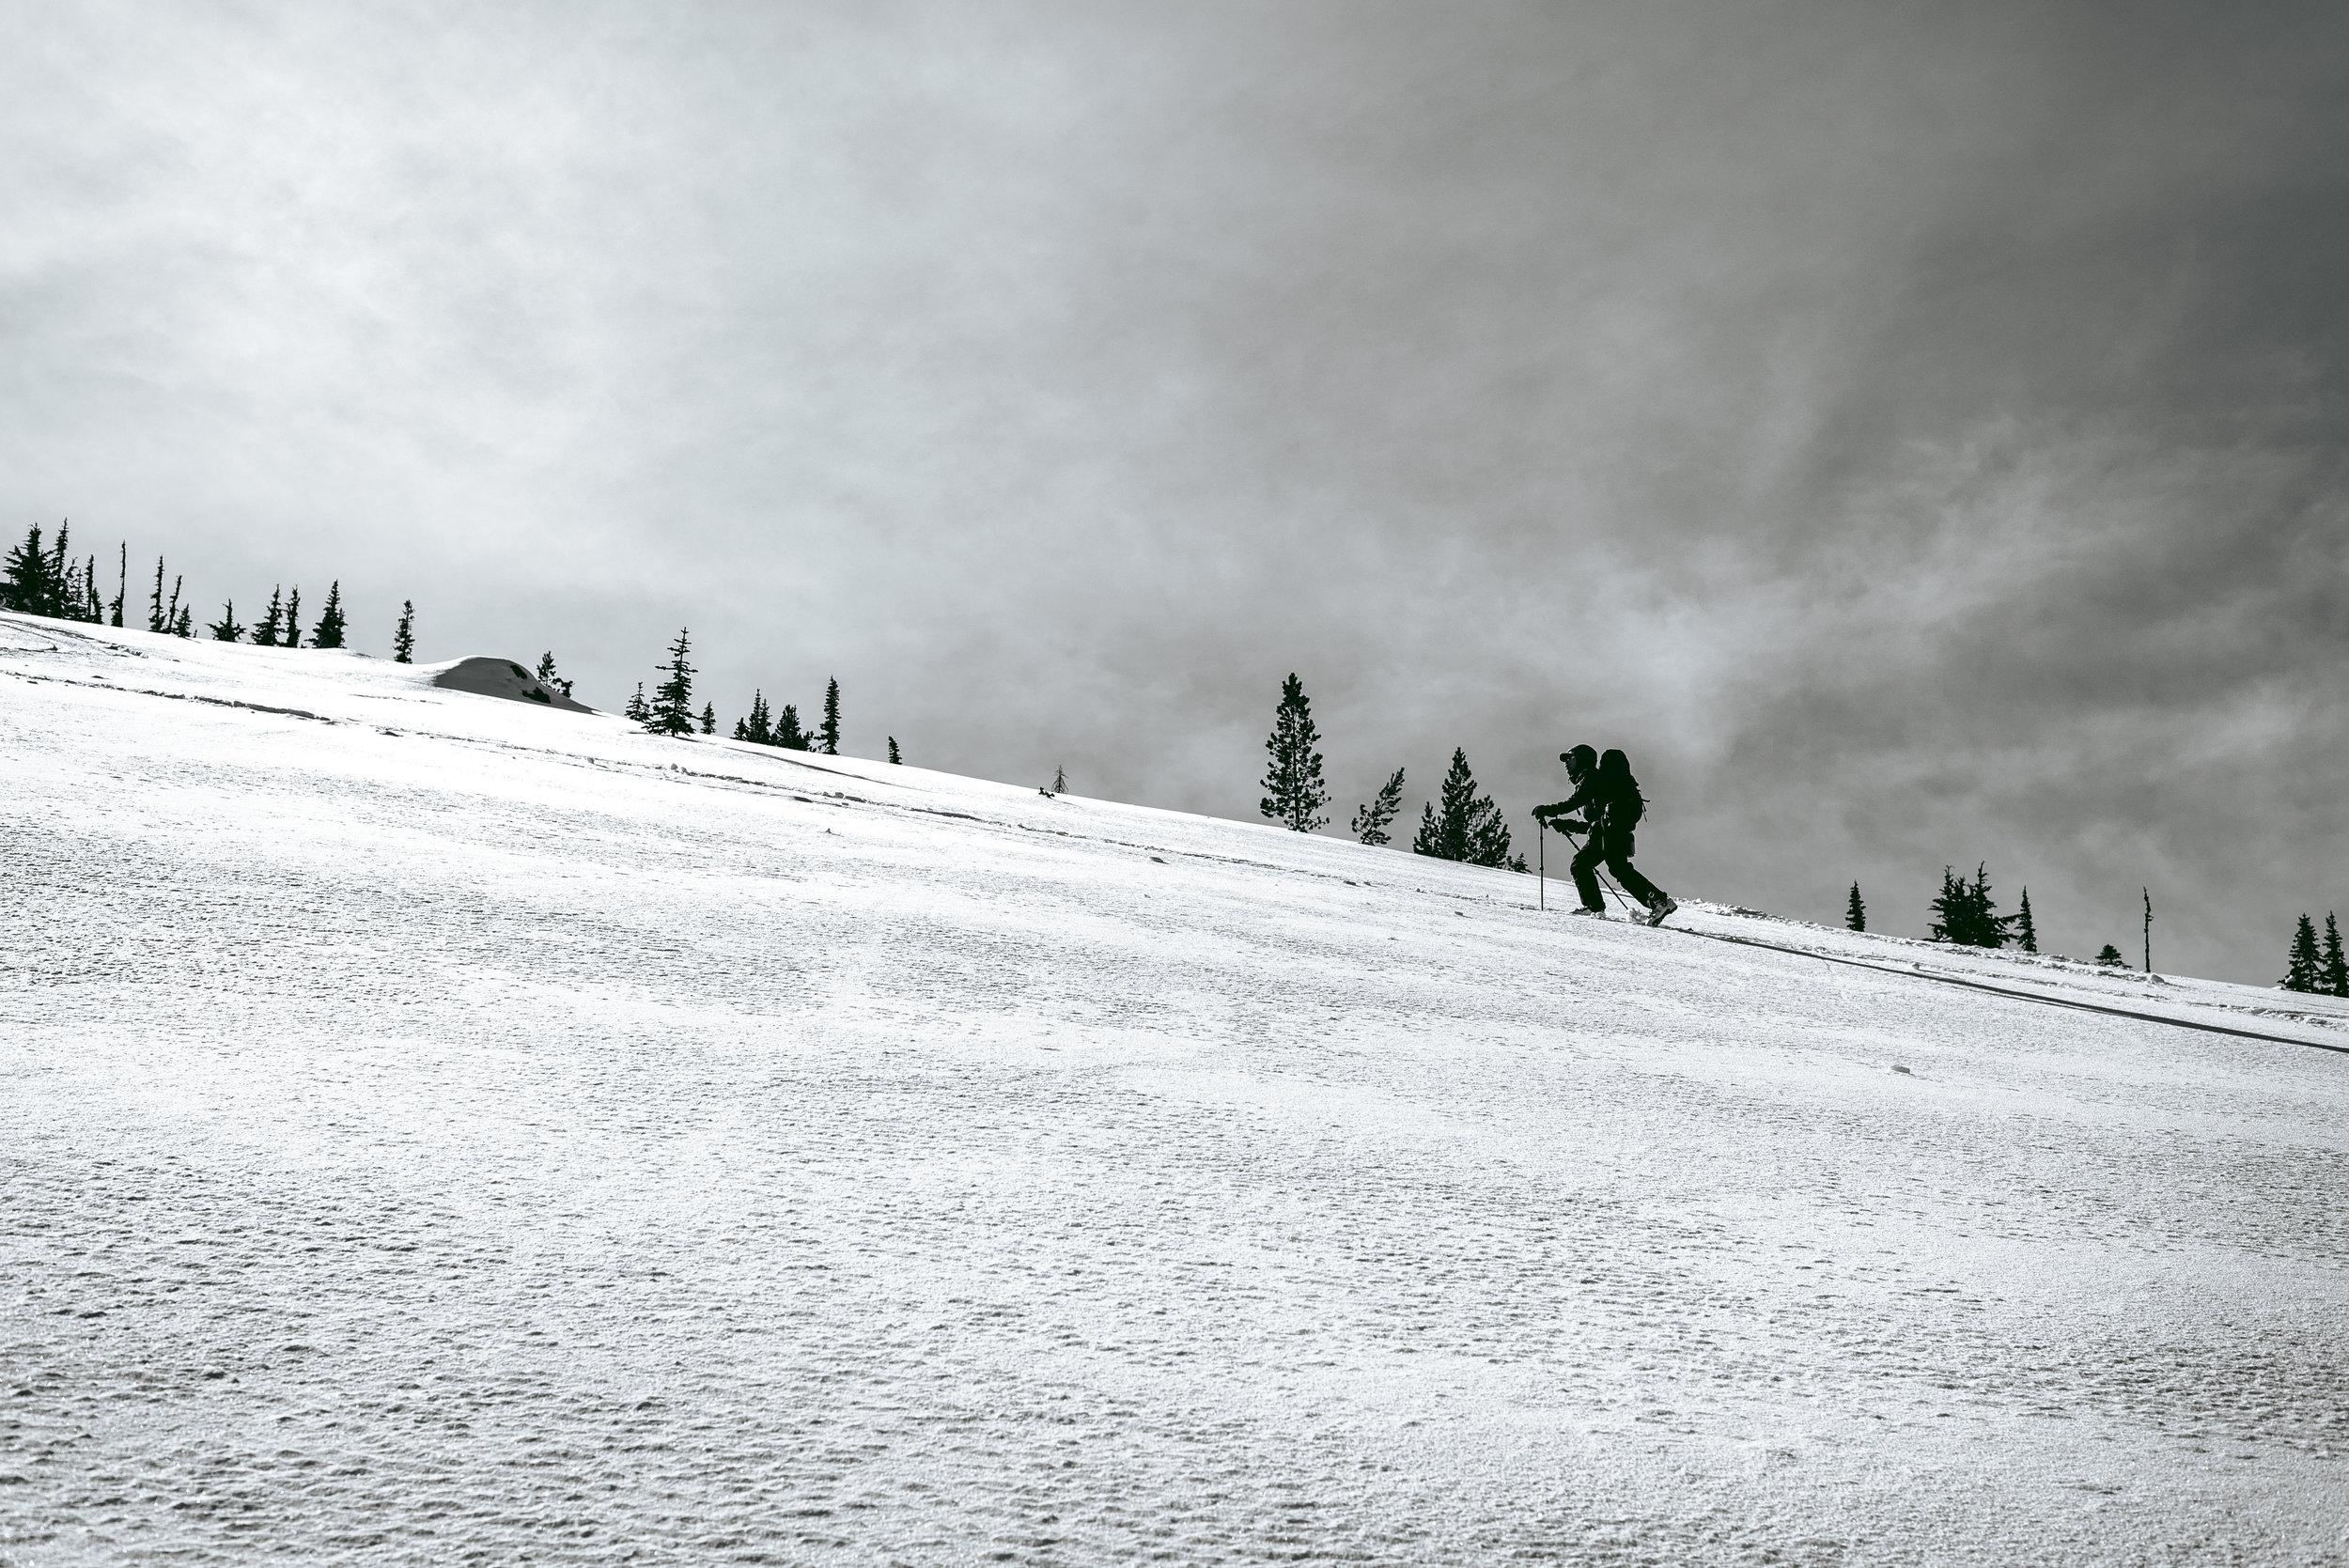 skitouring_zoa.jpg